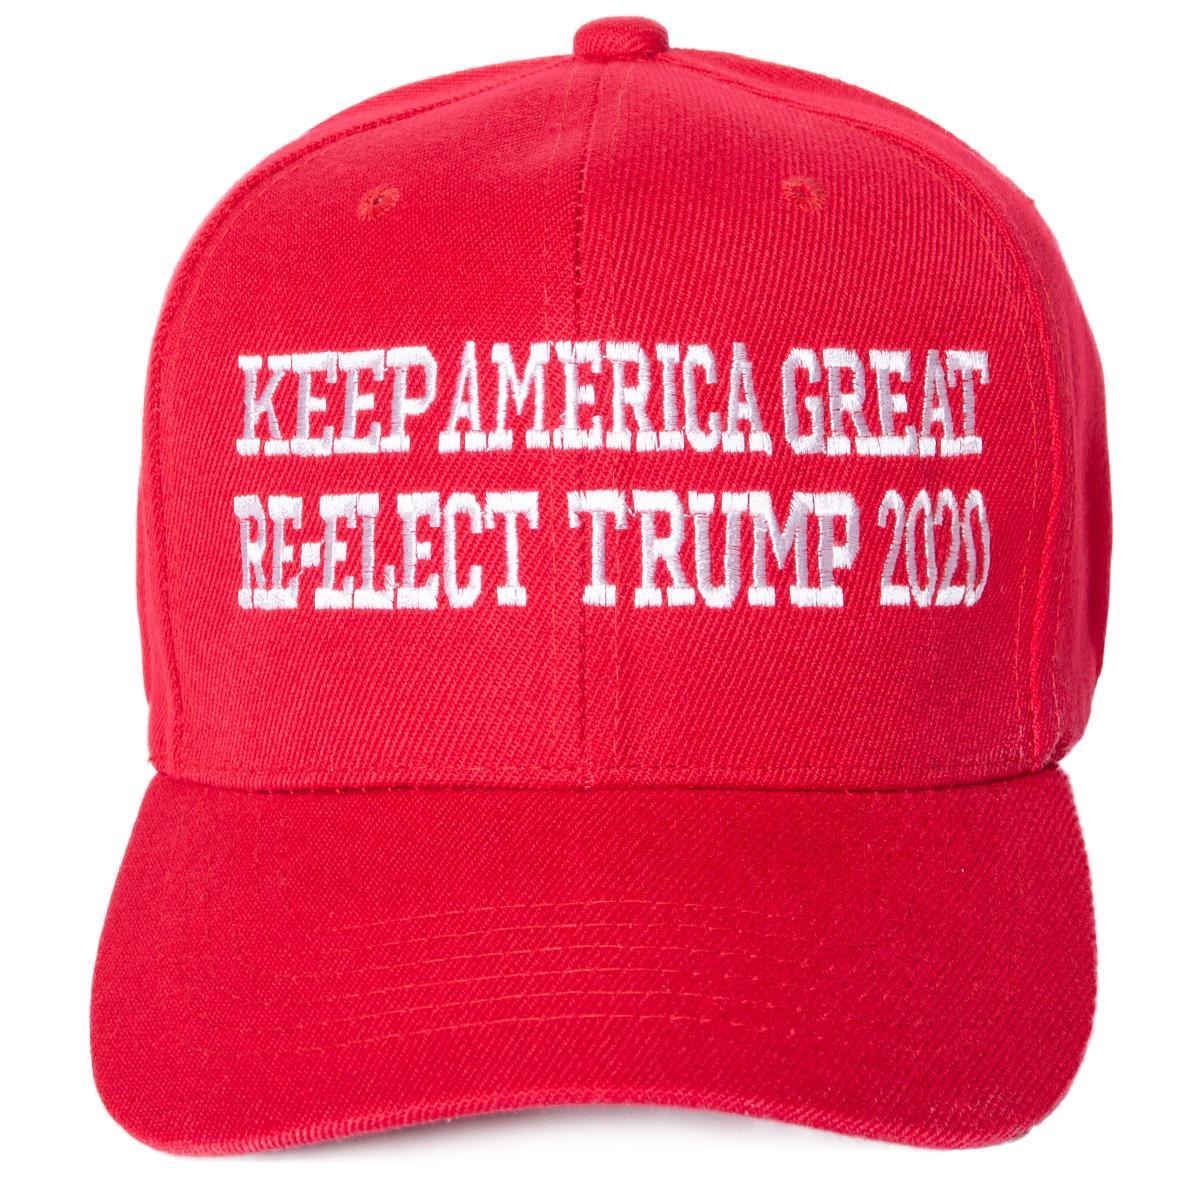 Keps, keep America great...